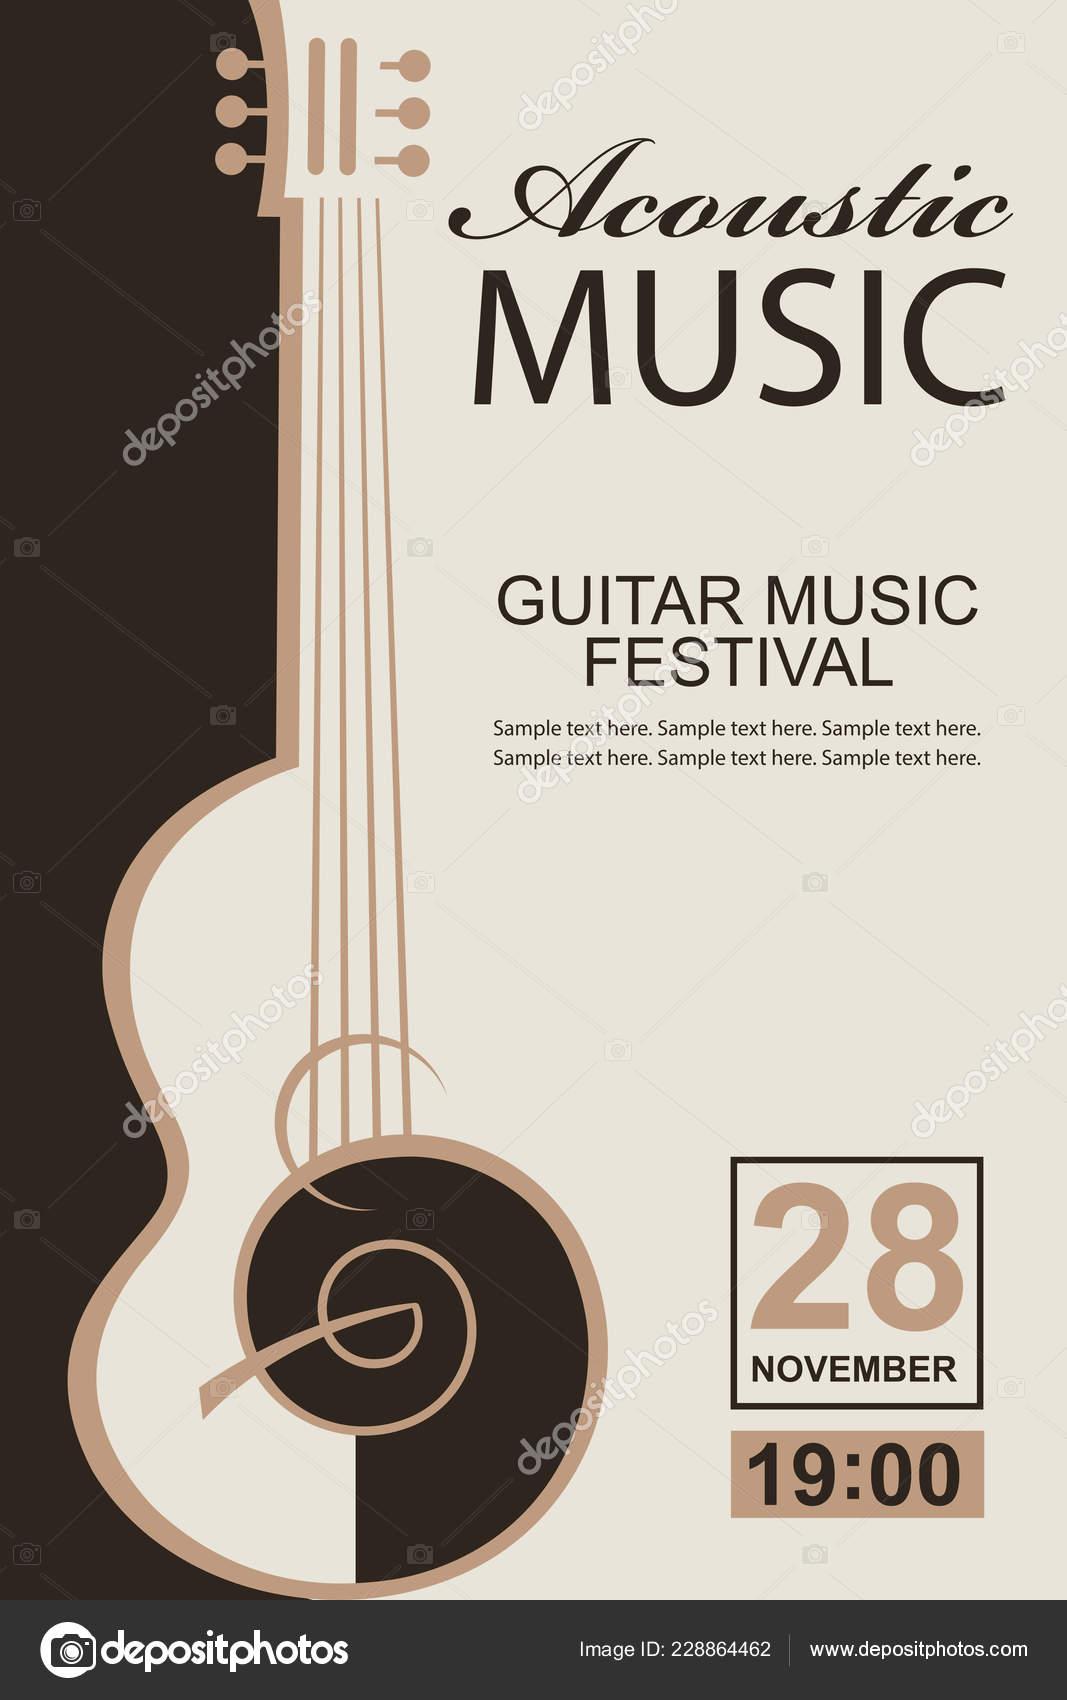 Banner Guitar Acoustic Music Concert Festival Stock Vector C Alexkava 228864462